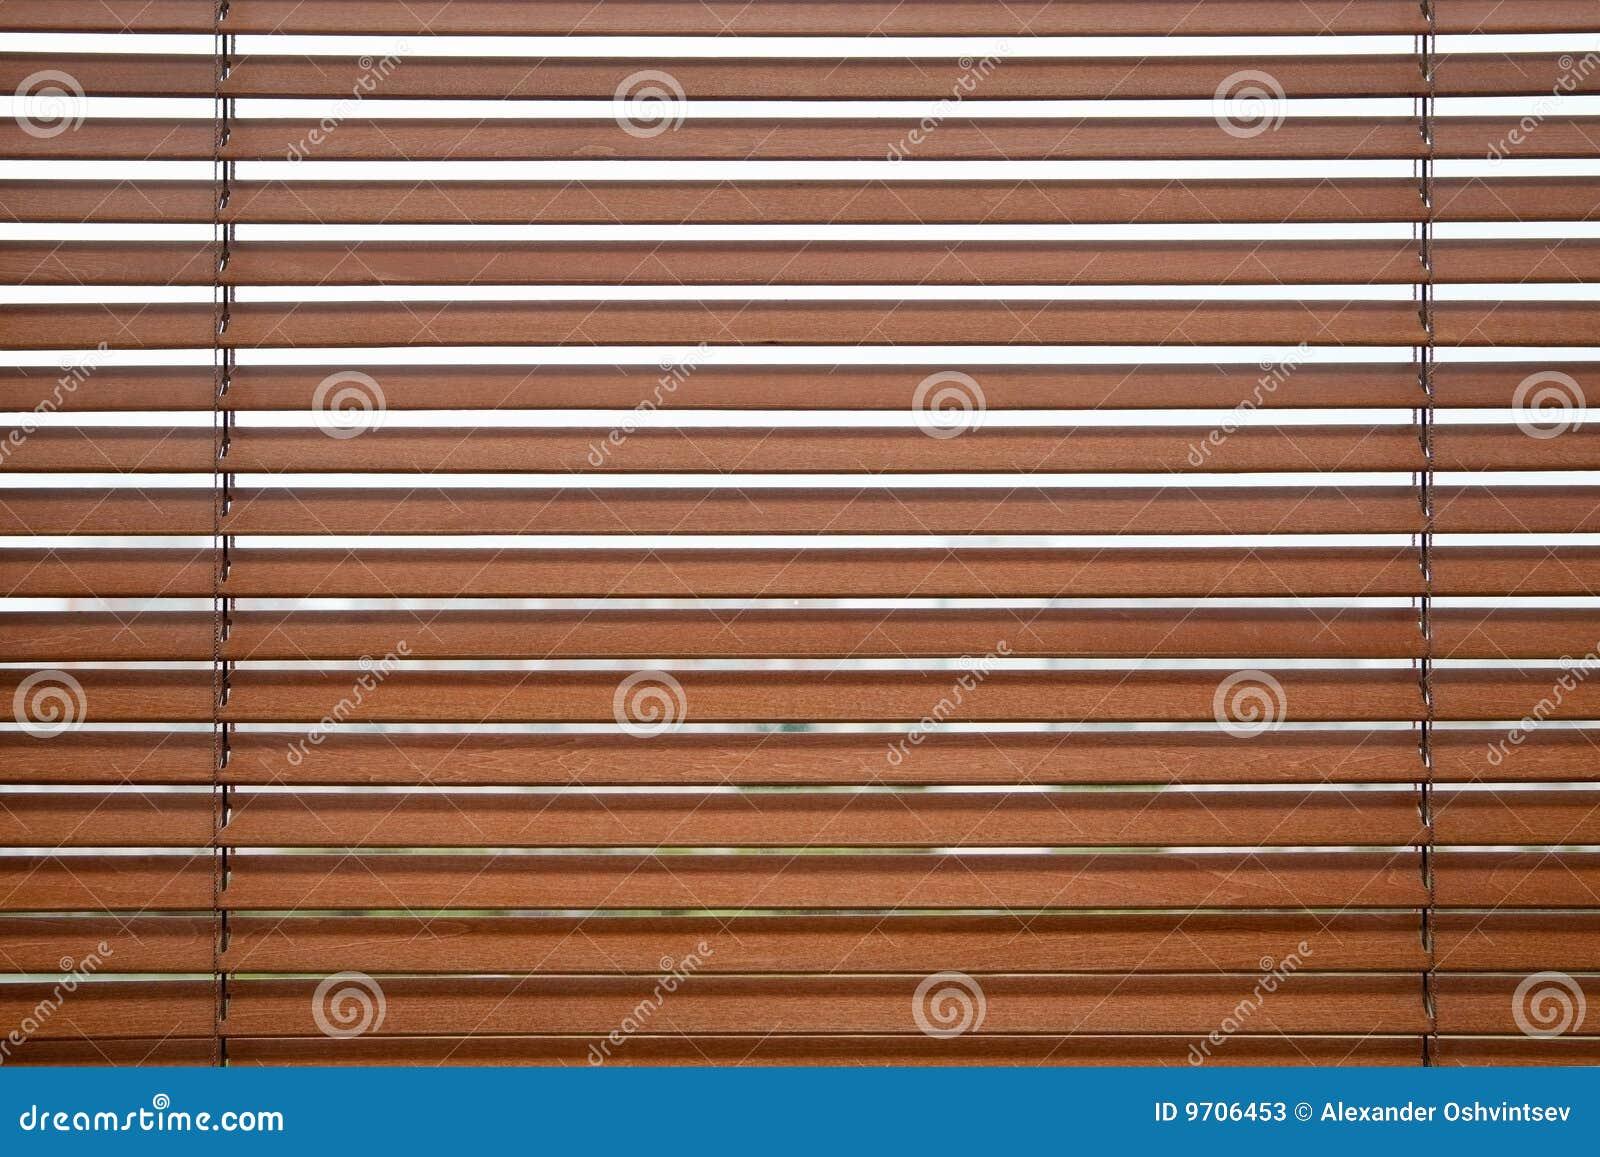 Persiana de madera fotos de archivo imagen 9706453 - Persianas madera ...